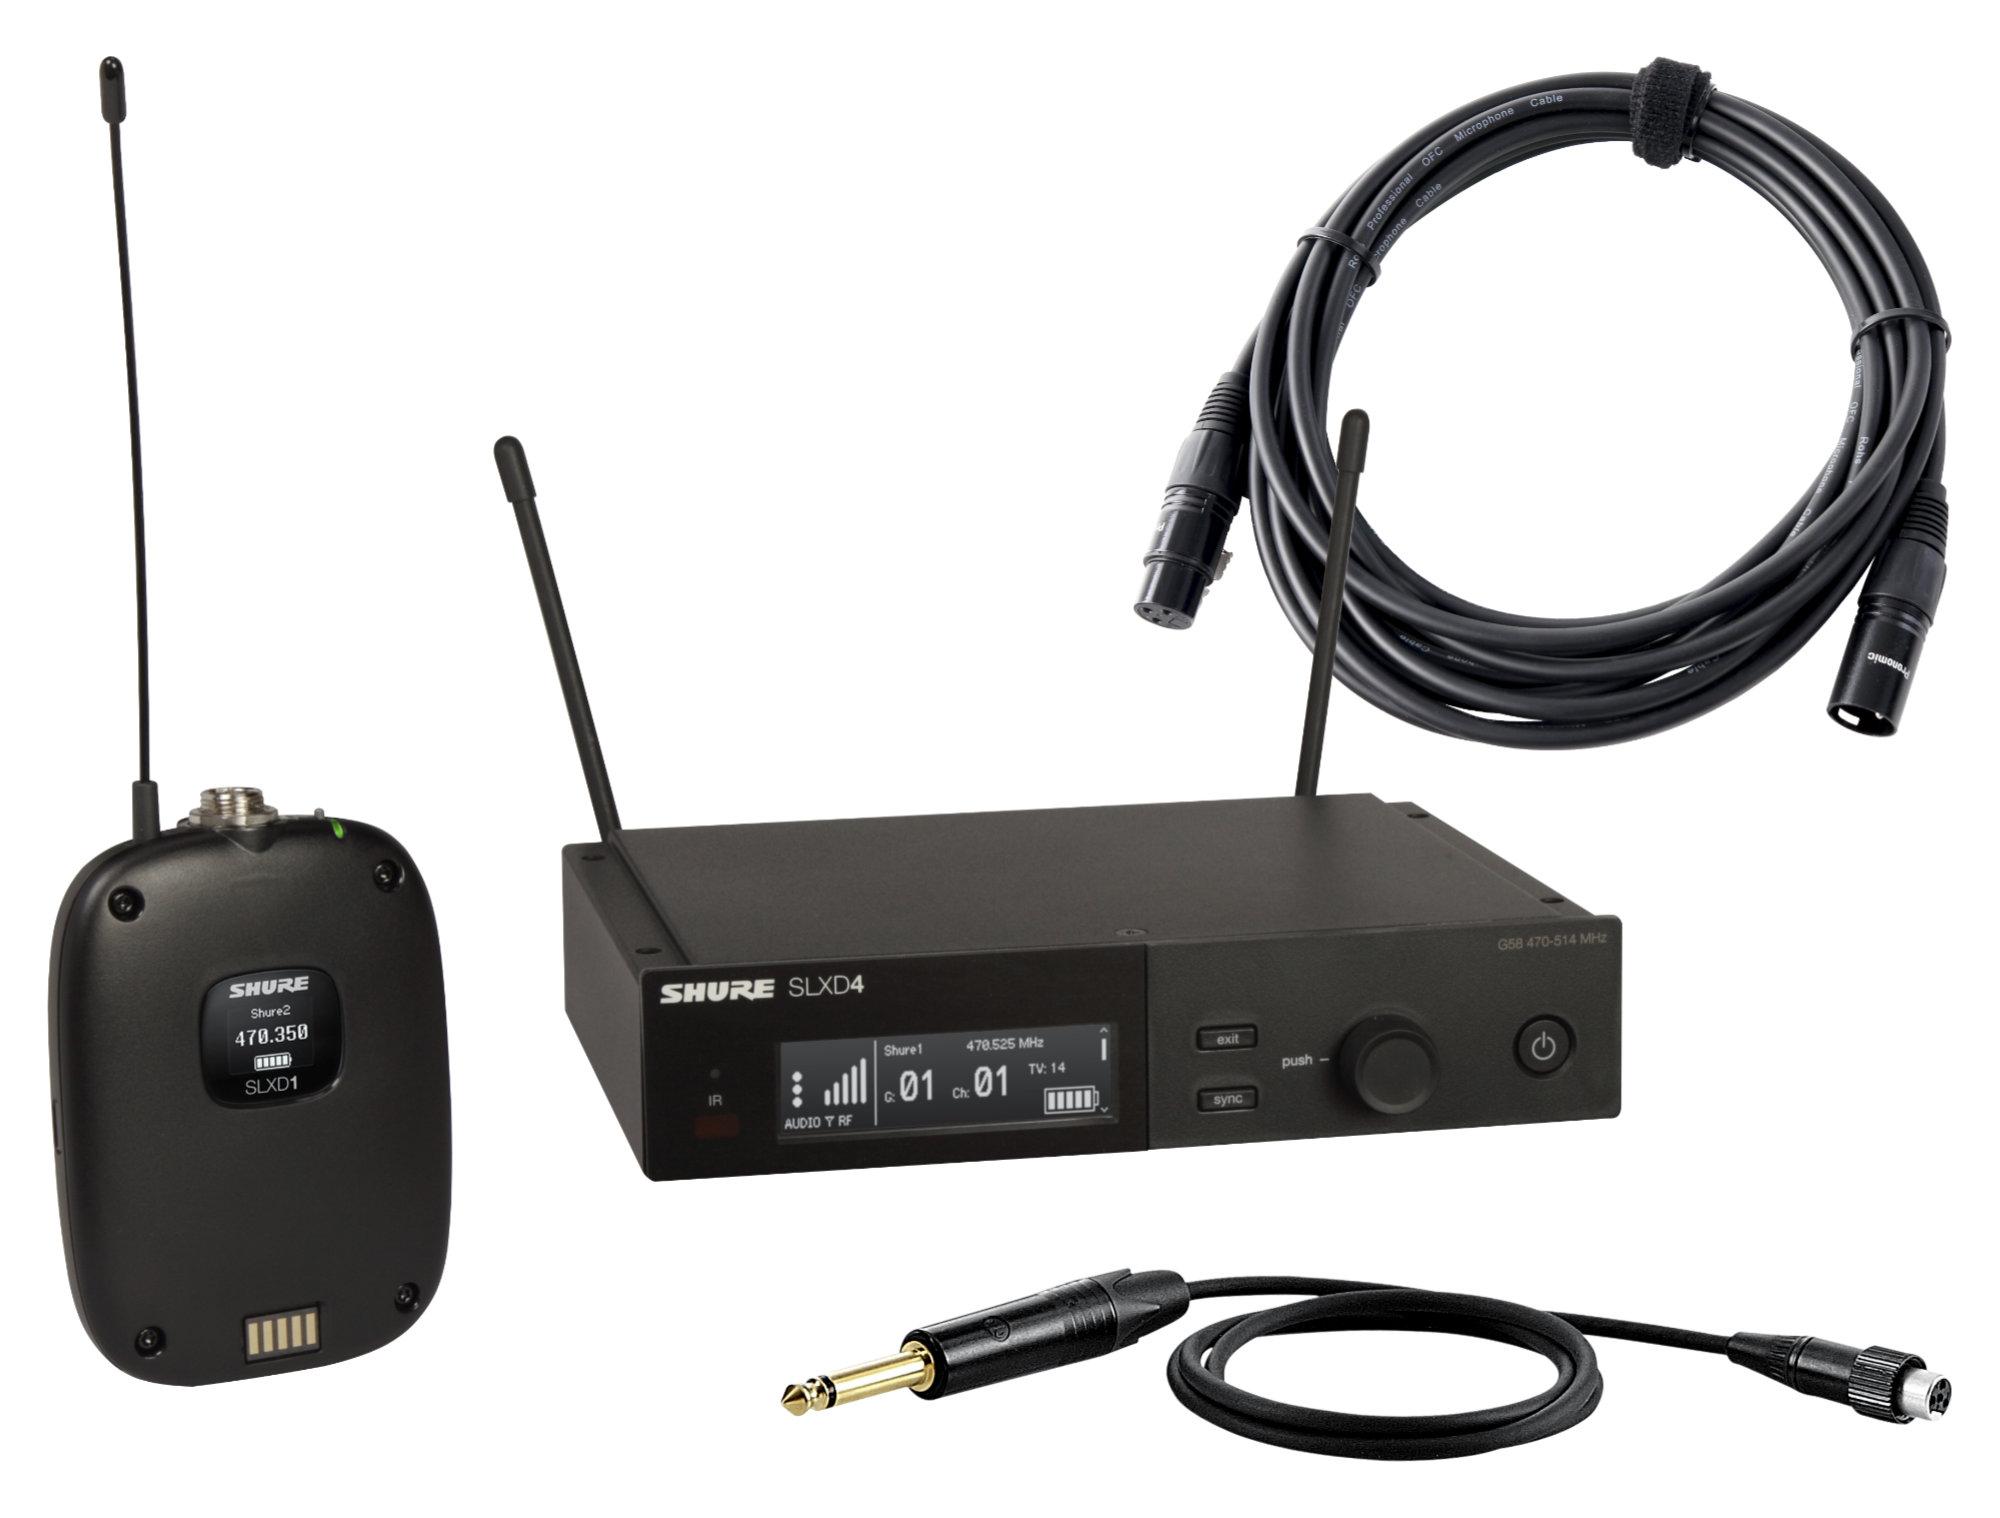 Drahtlossysteme - Shure SLXD14E S50 Taschensender Set inkl. XLR Kabel - Onlineshop Musikhaus Kirstein